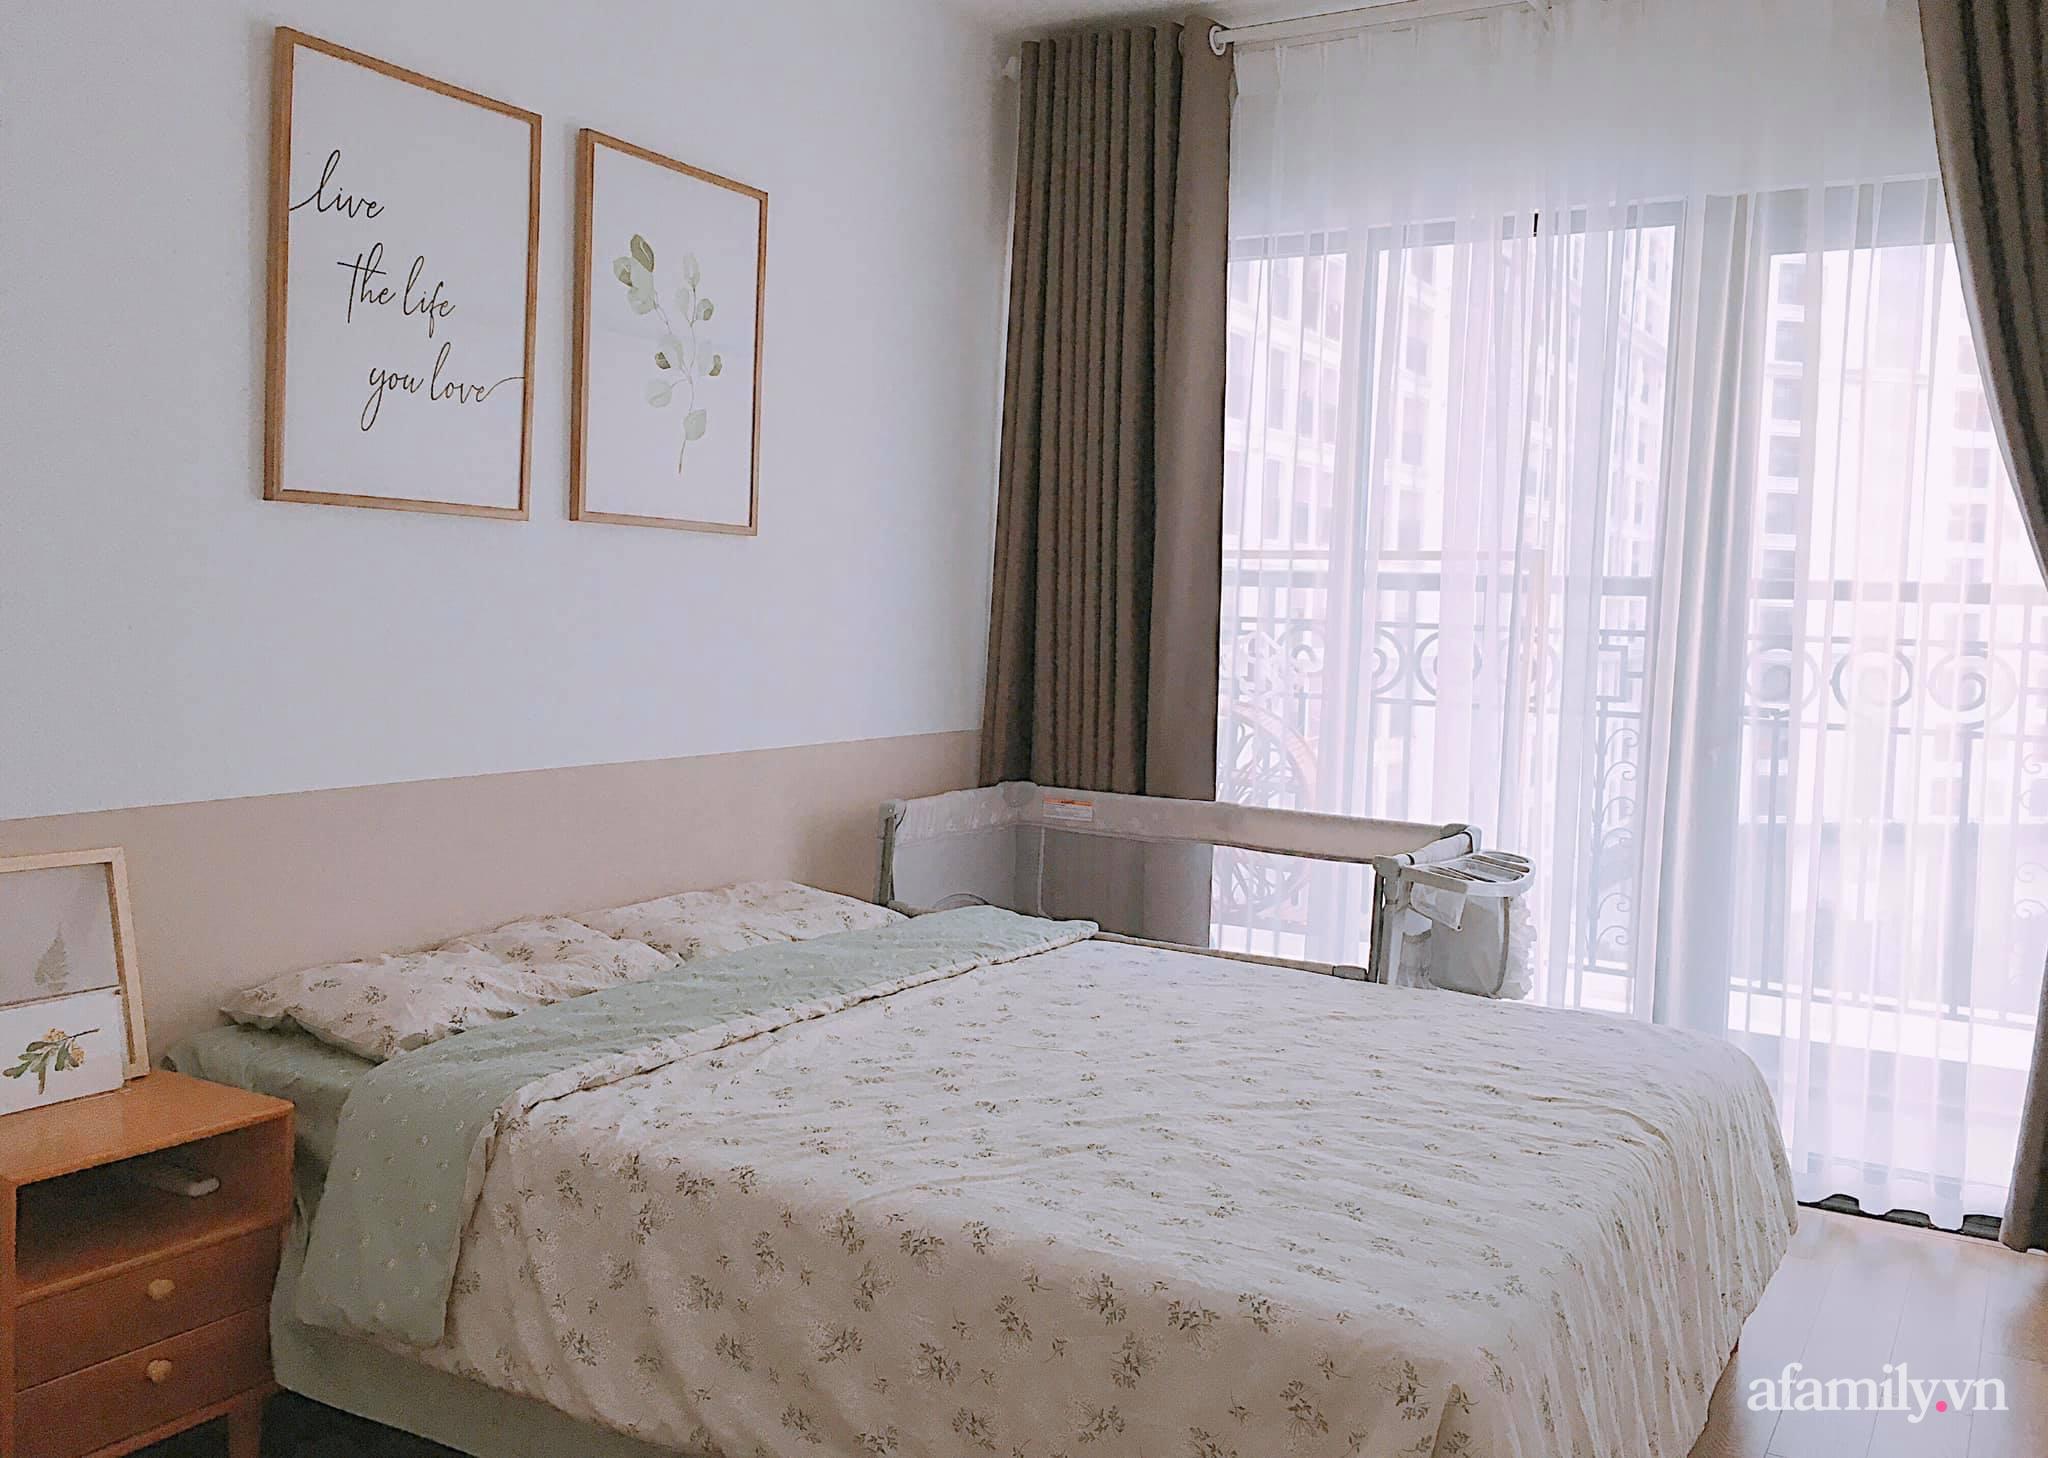 Căn hộ 78m² đẹp tinh tế và tiện dụng với phong cách tối giản của cặp vợ chồng trẻ ở Hà Nội - Ảnh 12.